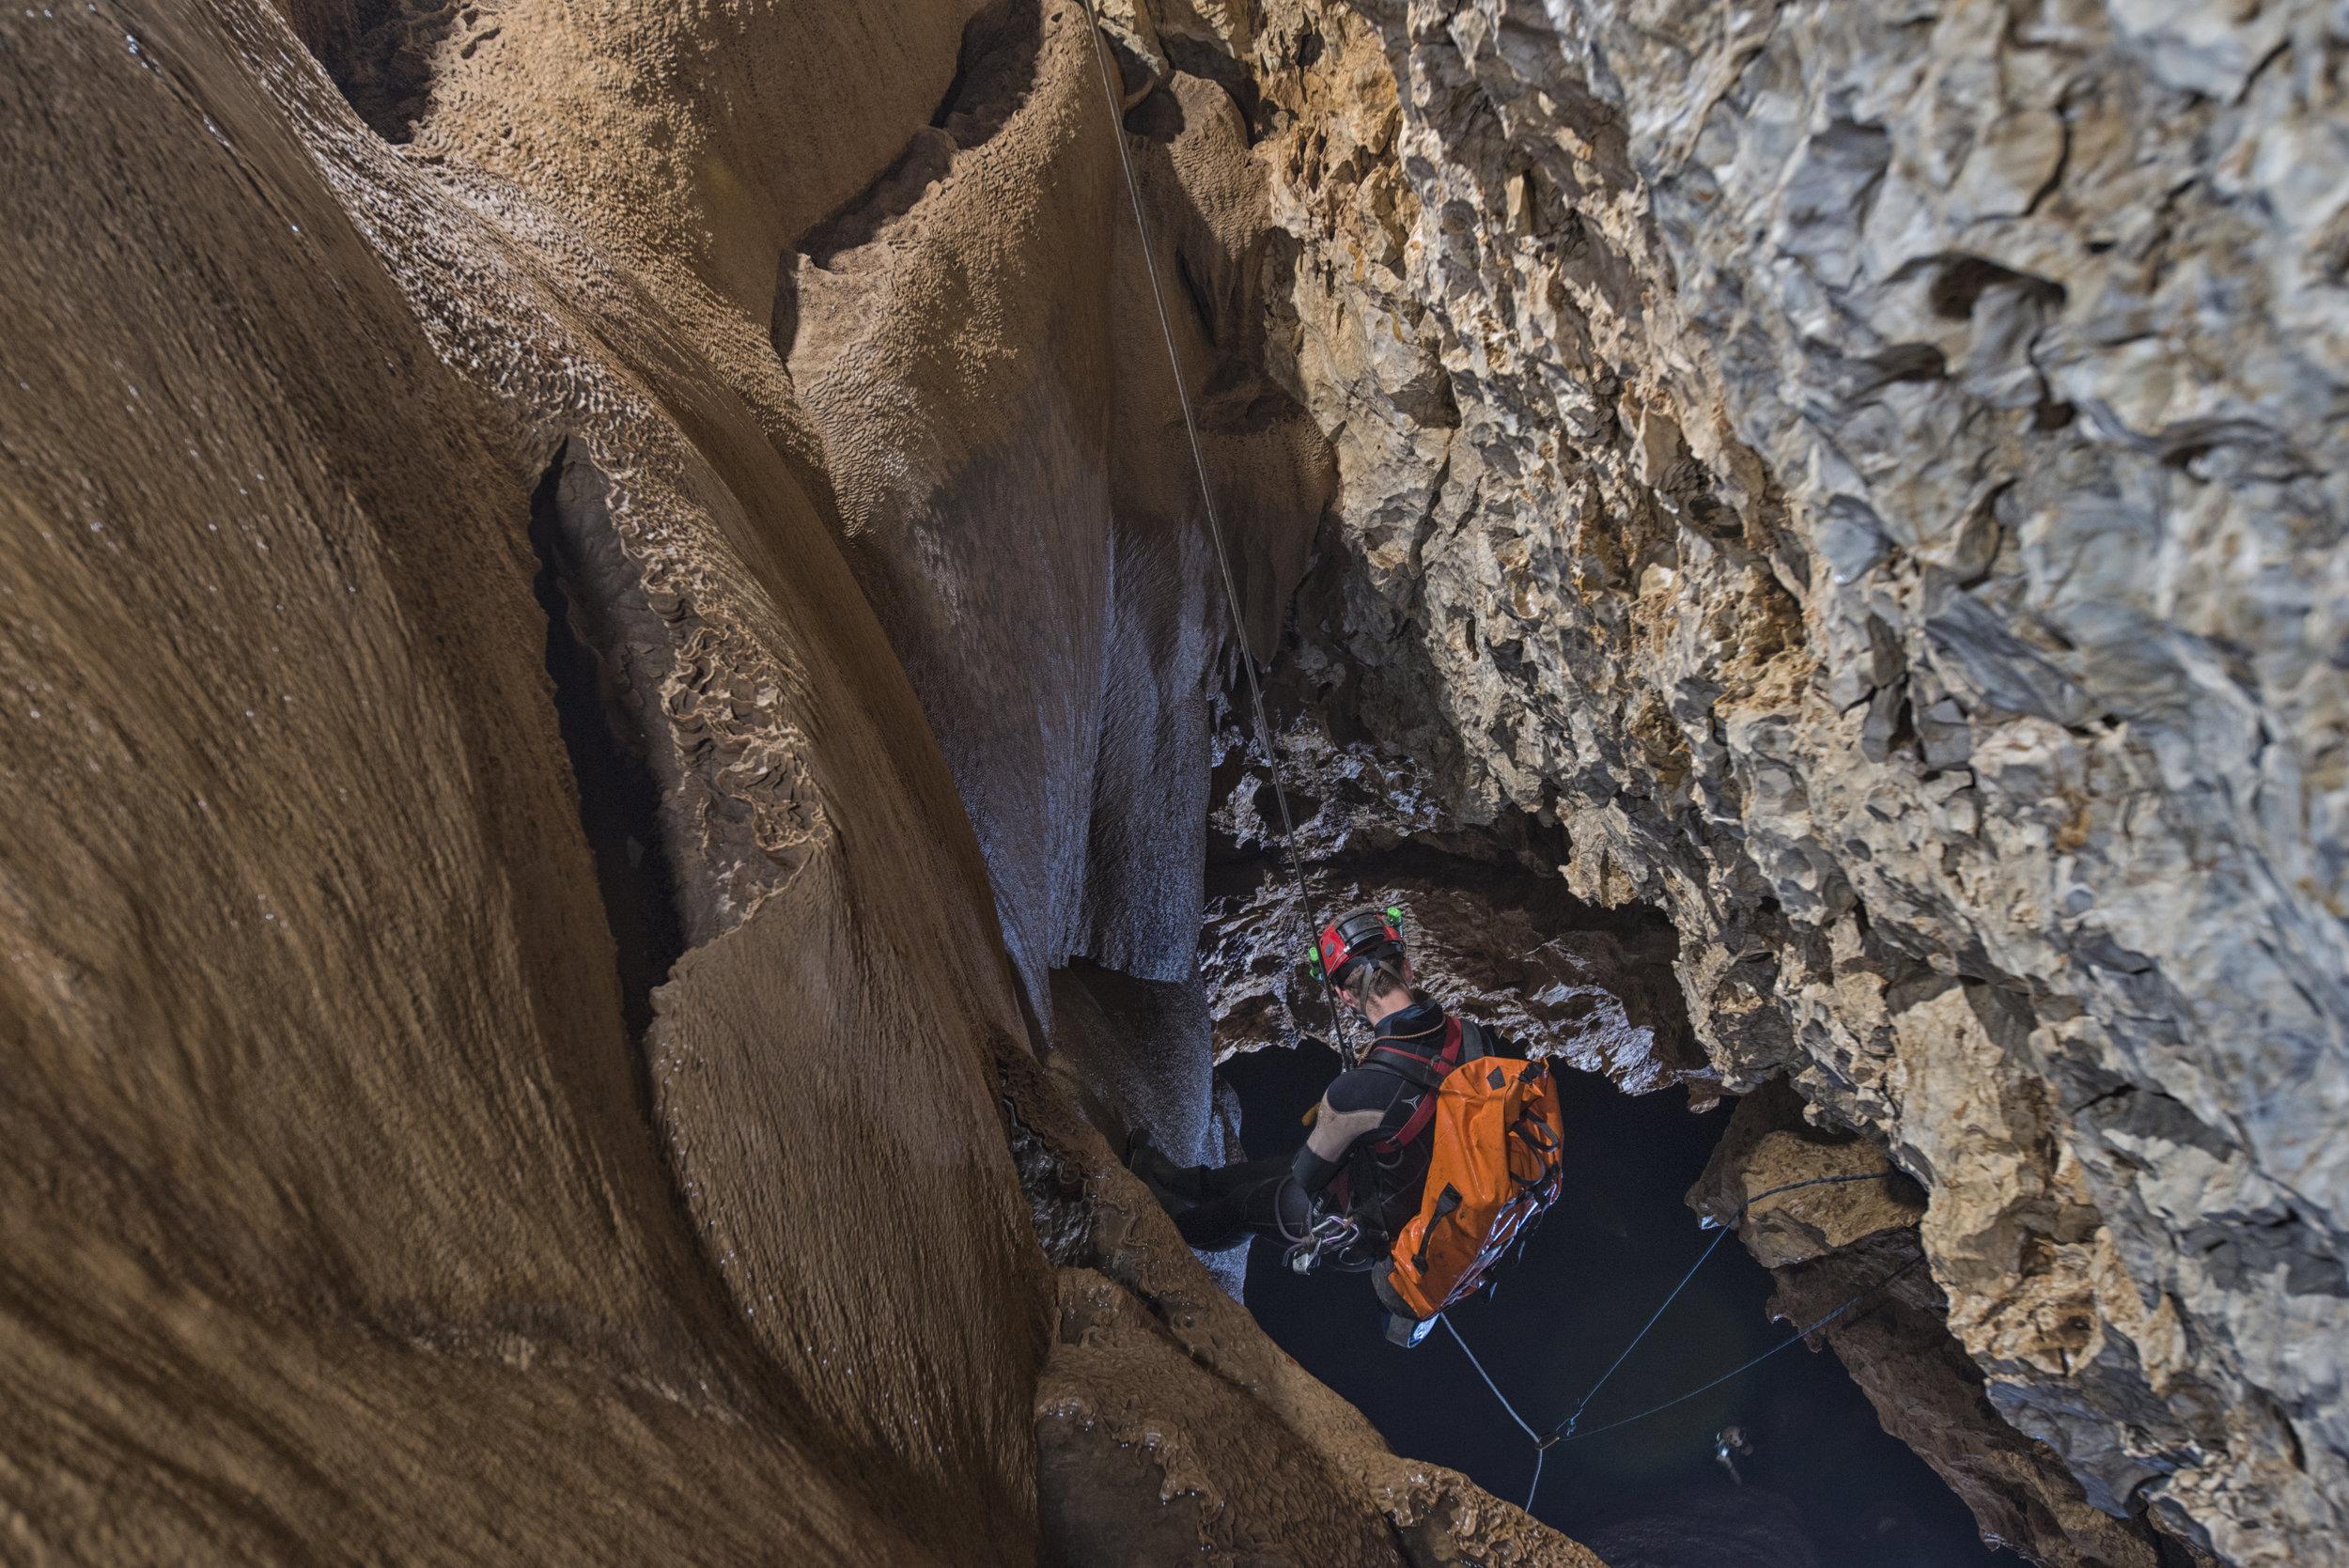 cueva-de-la-pena-colorada_27319873508_o.jpg